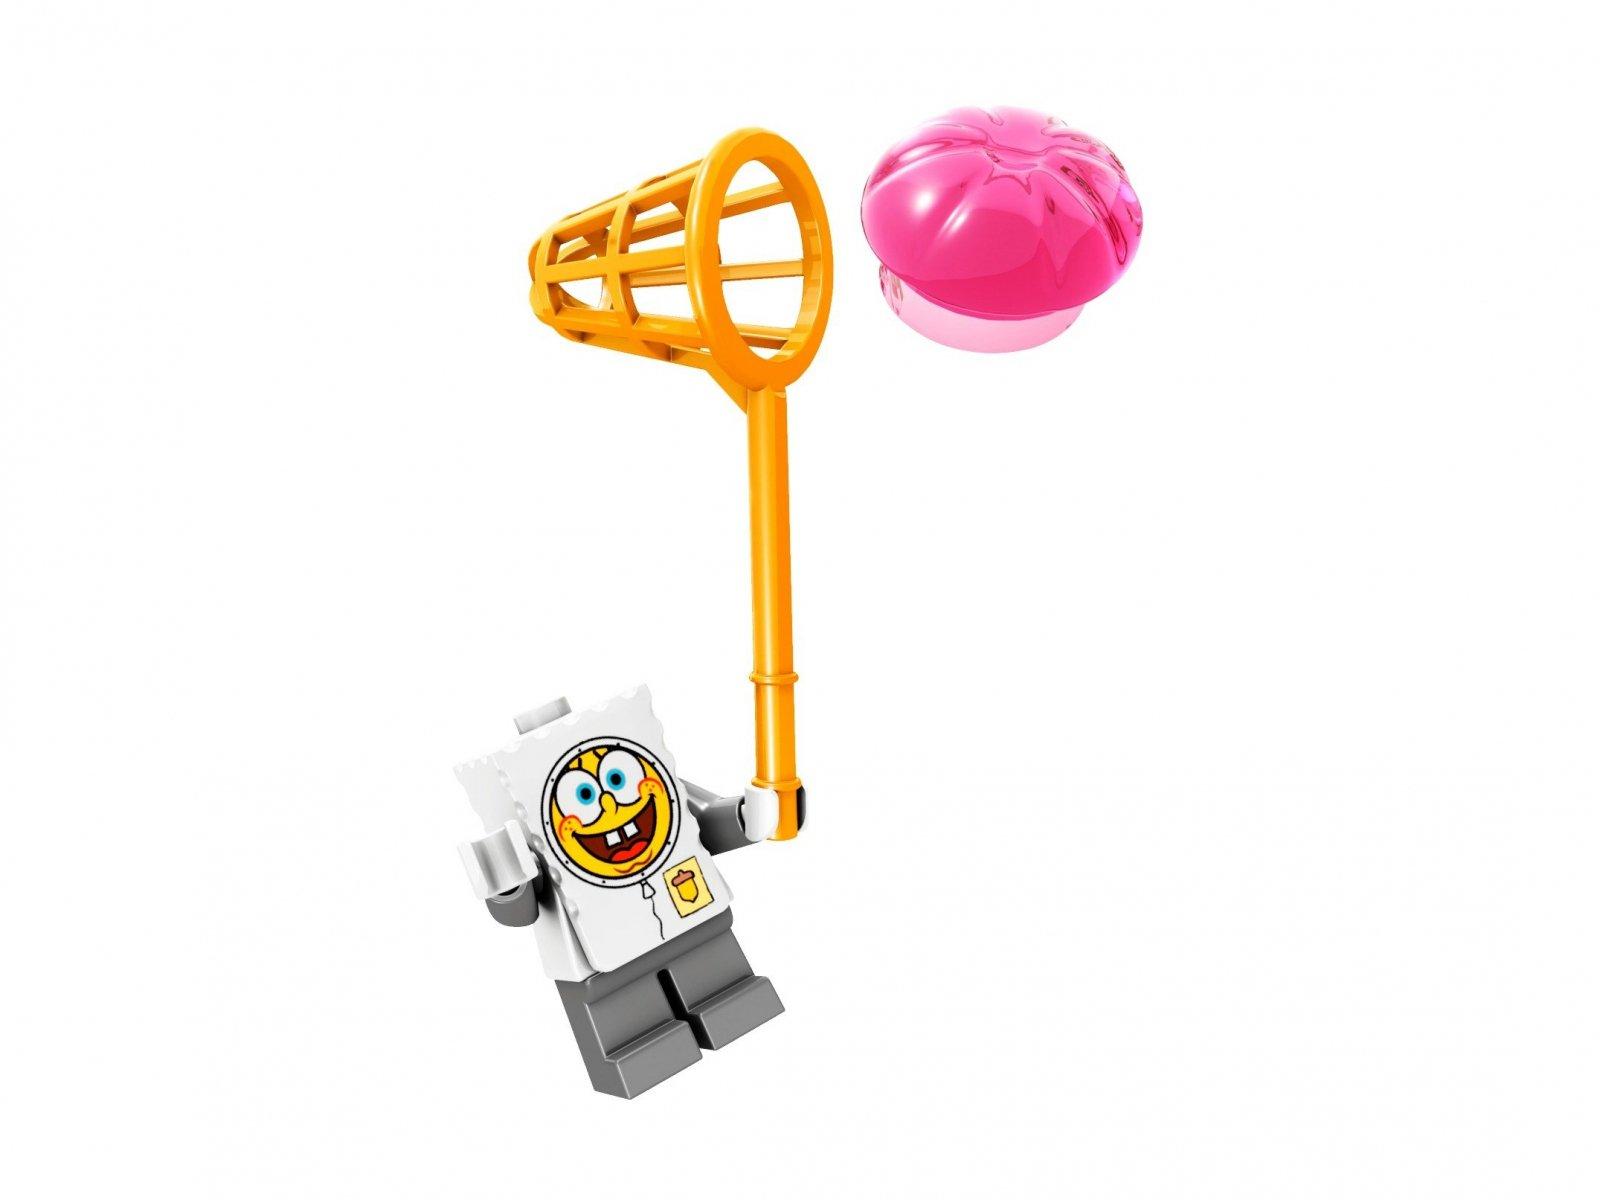 LEGO SpongeBob™ Rocket Ride 3831